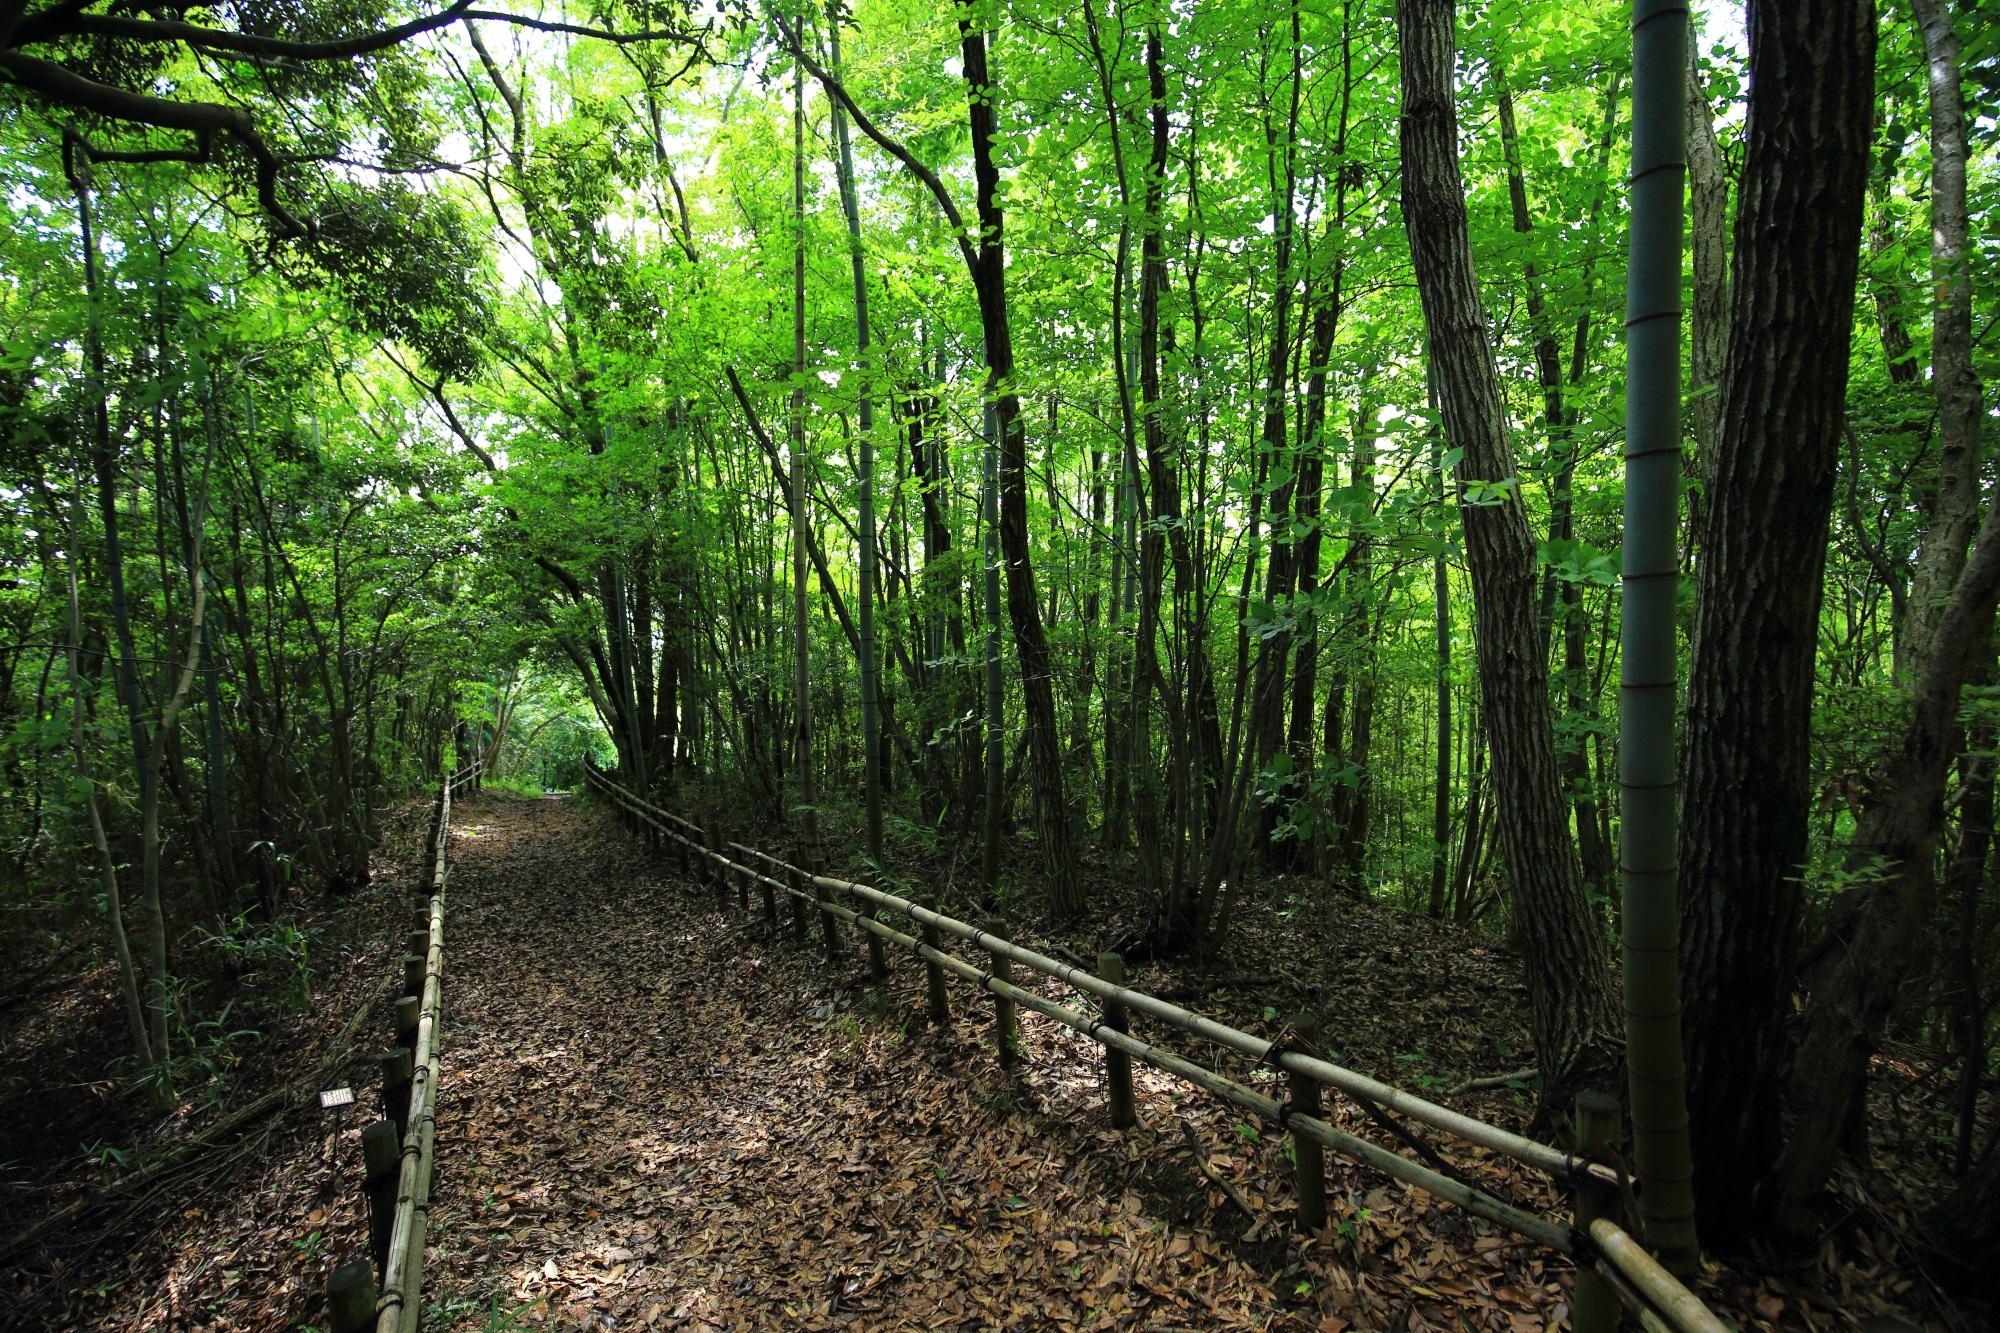 岩船寺の貝吹岩へ続く爽やかな緑につつまれて気持ち良い長い道